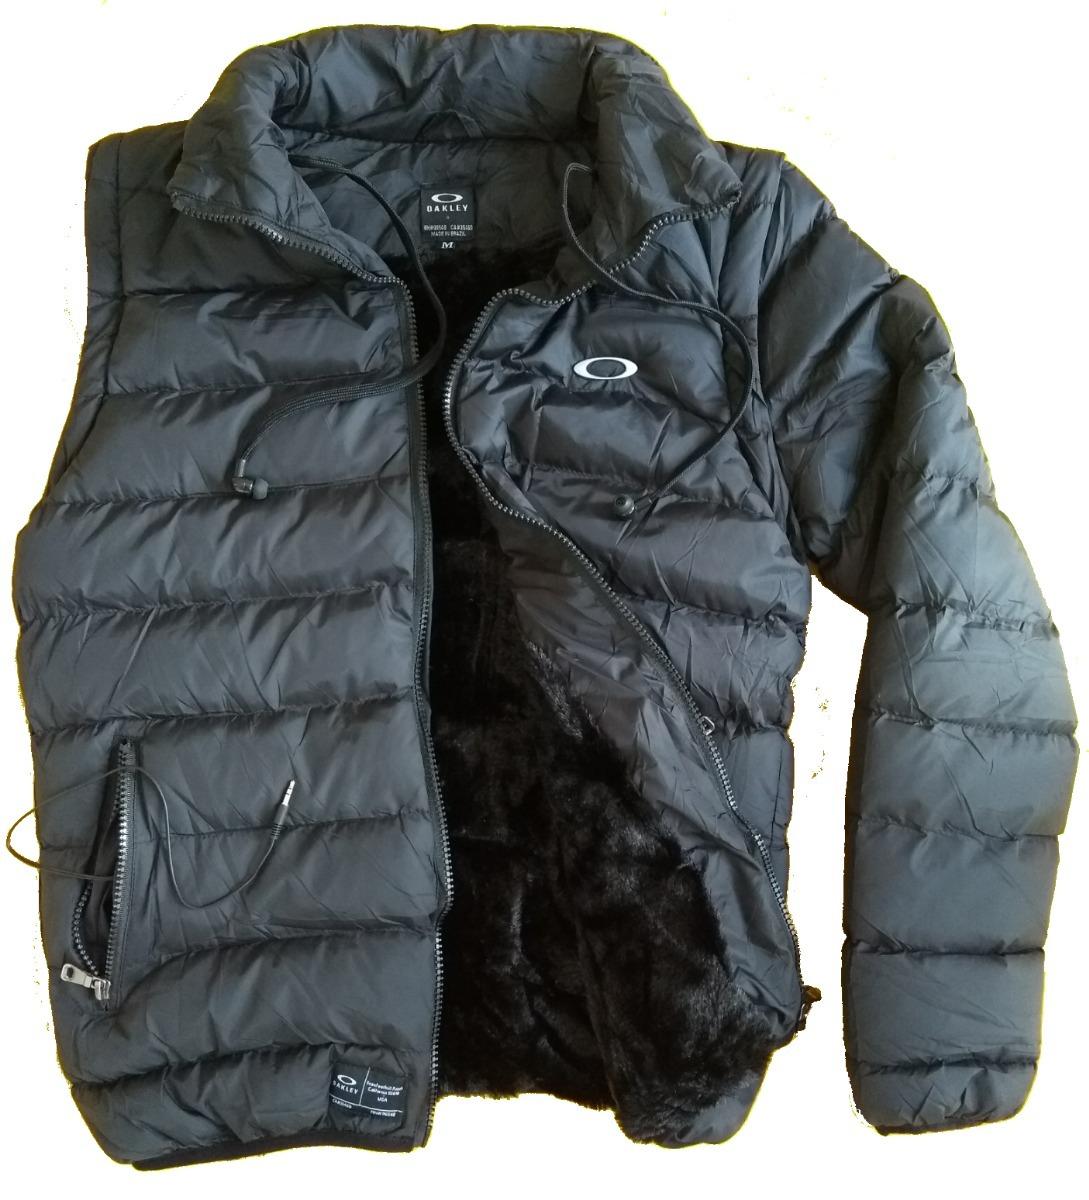 Colete Oakley Feminino Jaqueta bobojaco blusa corta Vento - R  279 ... 682246ab49a